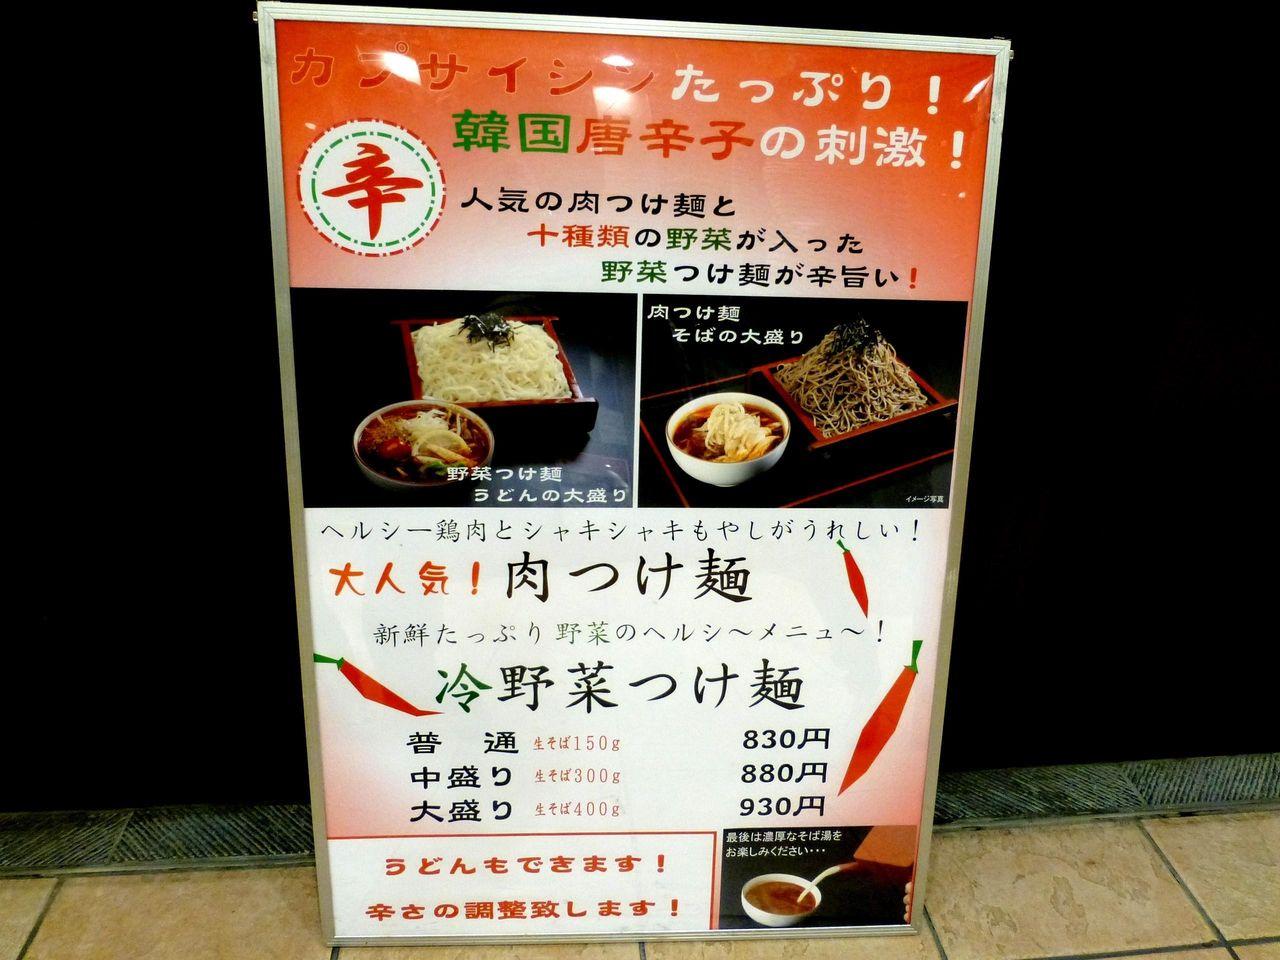 この看板を見て、肉つけ麺を注文しましたが・・・・・・